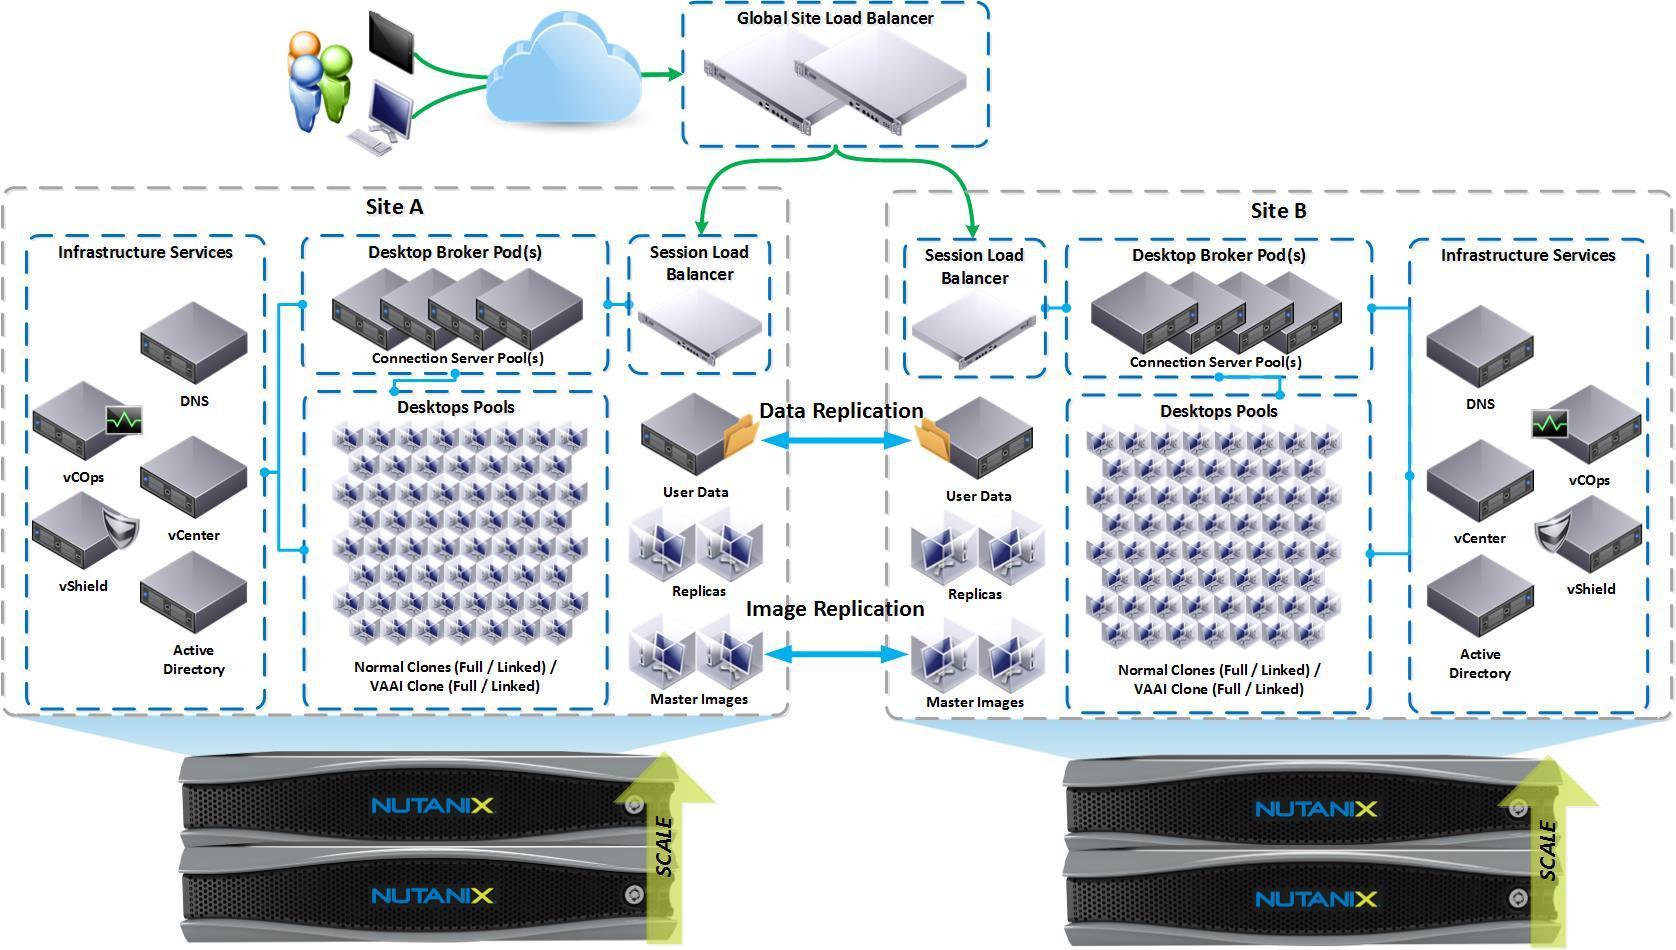 Nutanix Entorno Vdi De Hasta 400 000 Usuarios El Blog